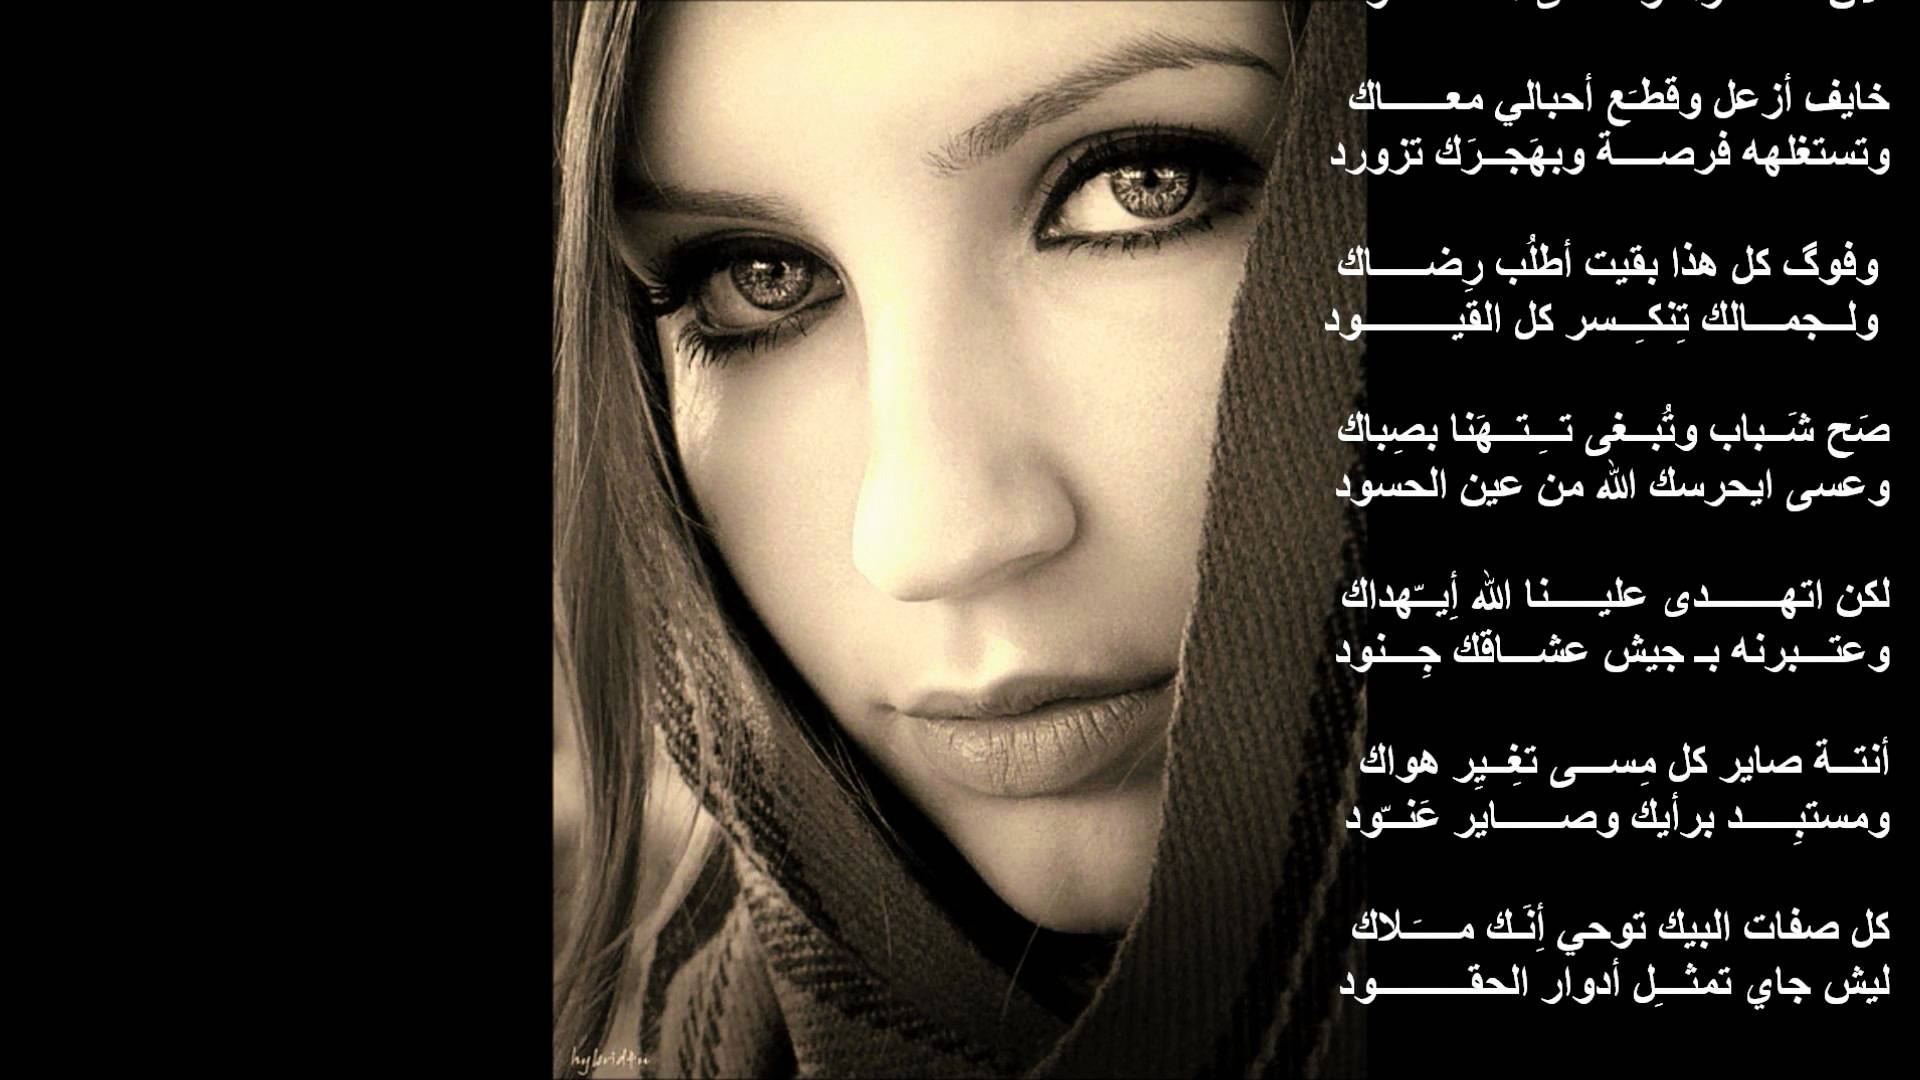 بالصور شعر غزل عراقي , شاهد اجمل الابيات الشعرية فى الغزل 2024